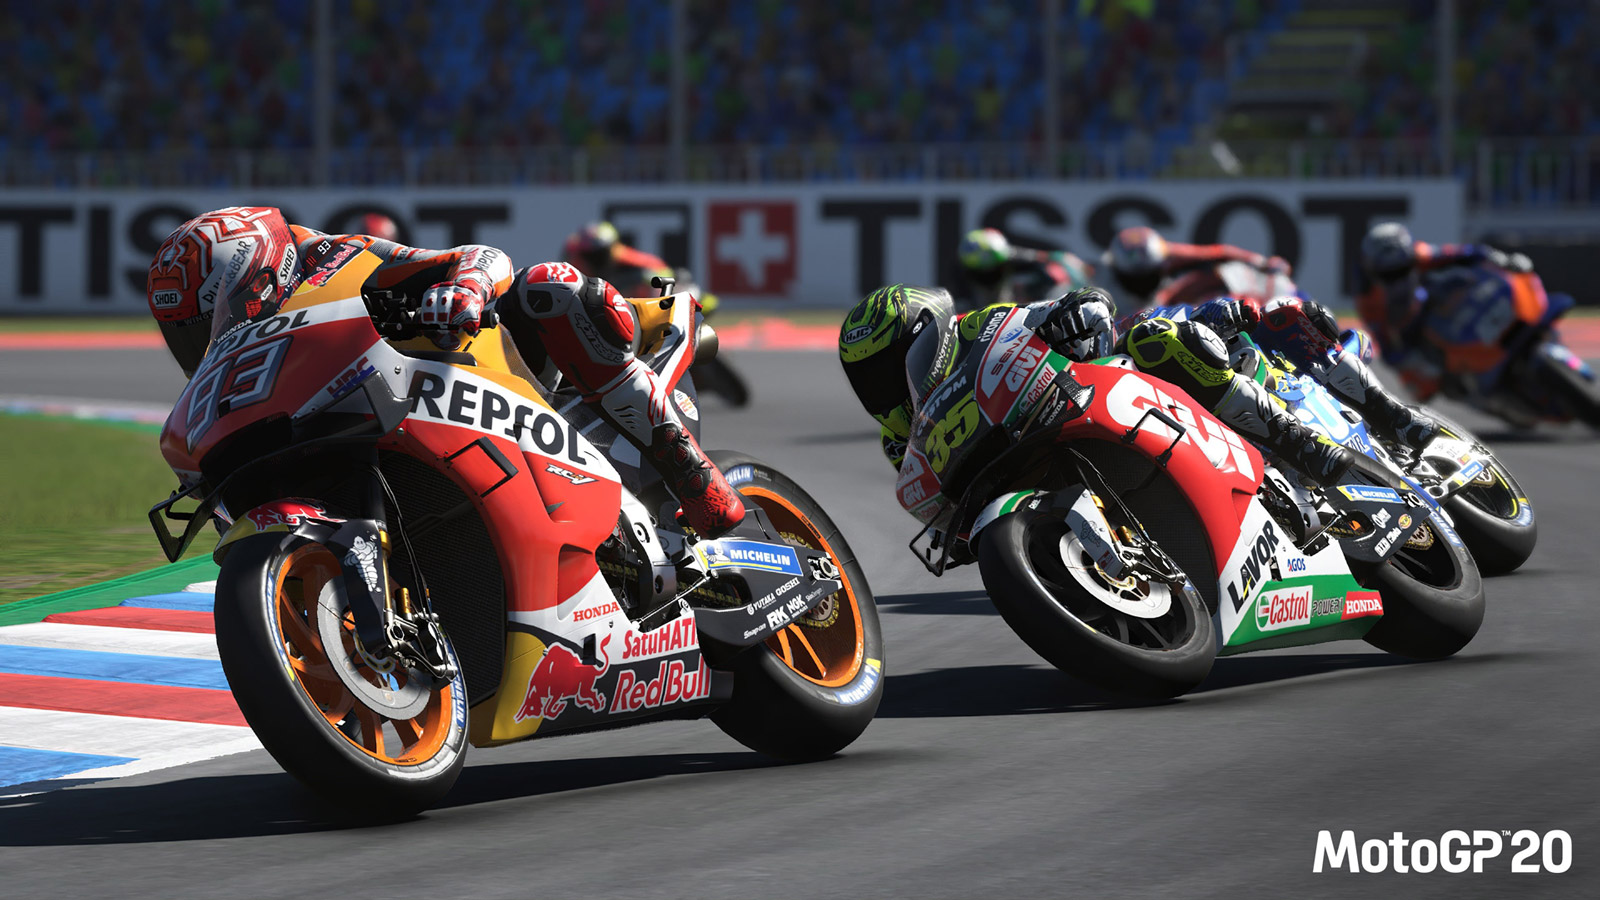 MotoGP 20 Wallpaper in 1600x900